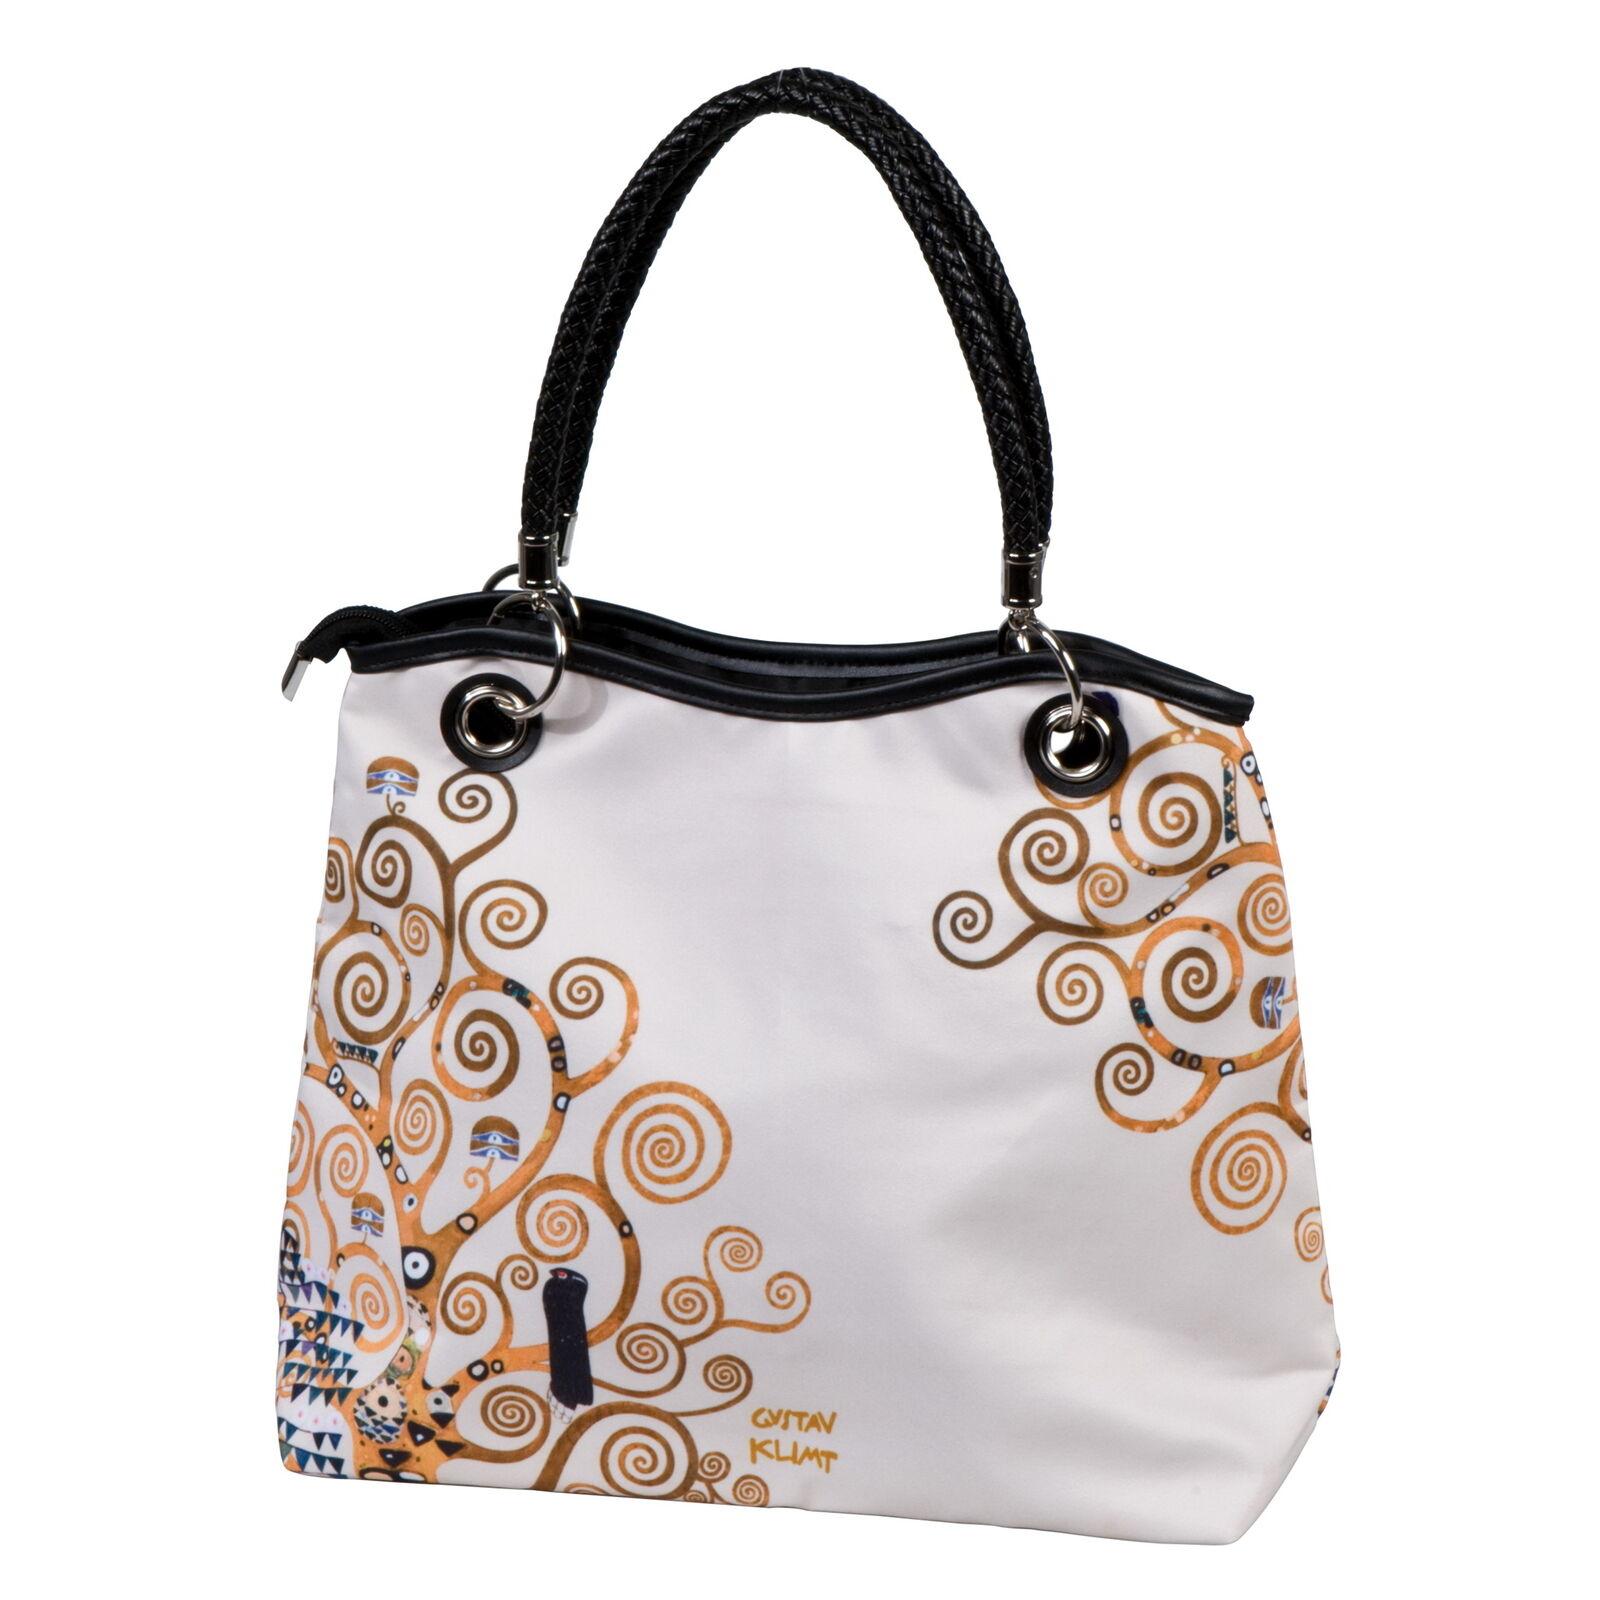 GOEBEL ARTIS ORBIS - Der Lebensbaum - Gustav Klimt Klimt Klimt Handtasche 33 x 31cm 67060221   Up-to-date Styling    Überlegene Qualität    Kaufen  fef7fb